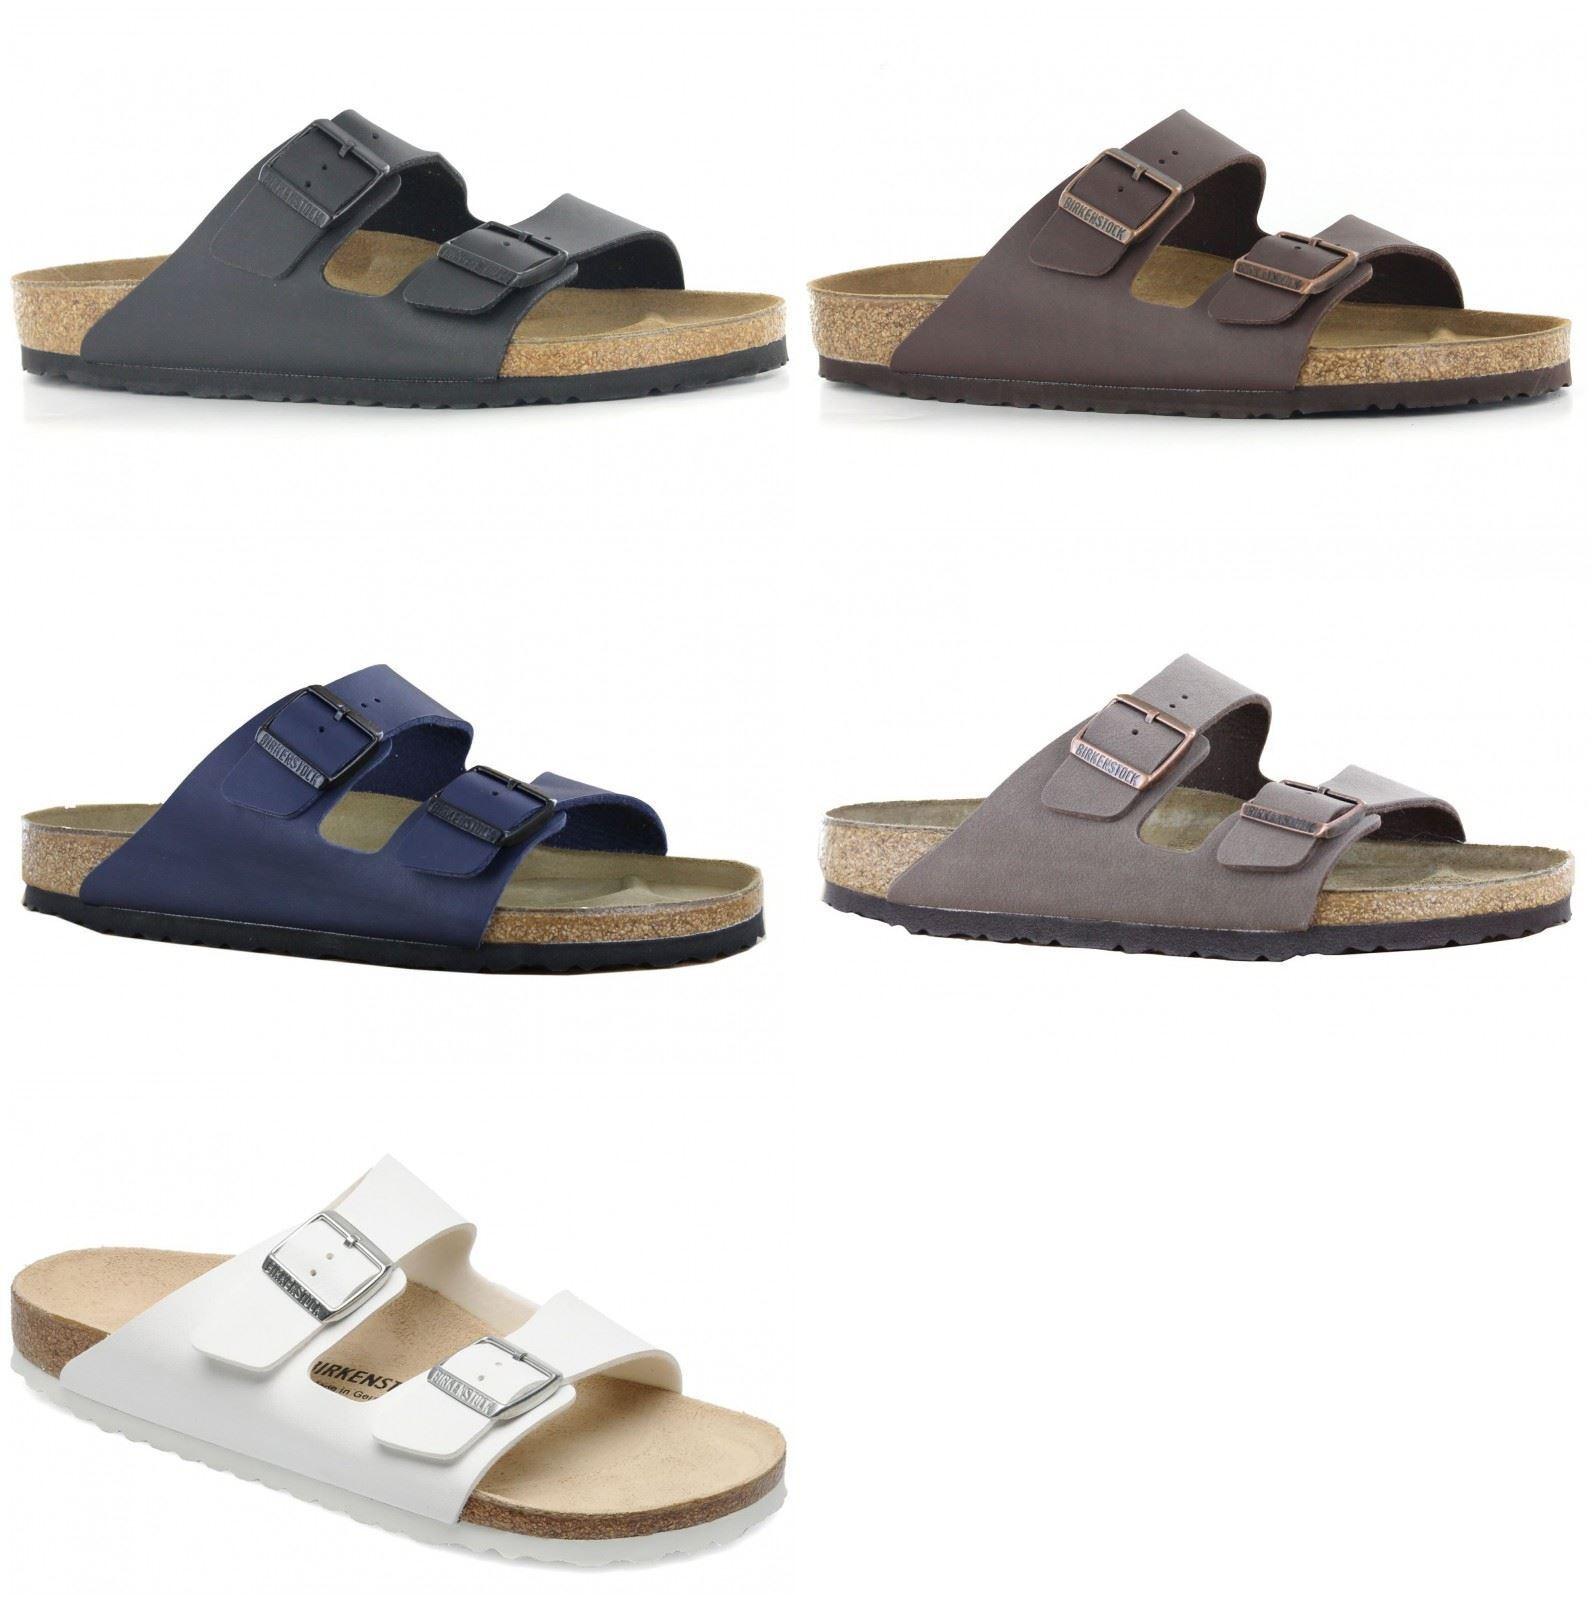 Zapatos casuales salvajes Caterpillar Giles Negro Para Hombres Sandalias De Tiras Zapatos y Correa en el tobillo